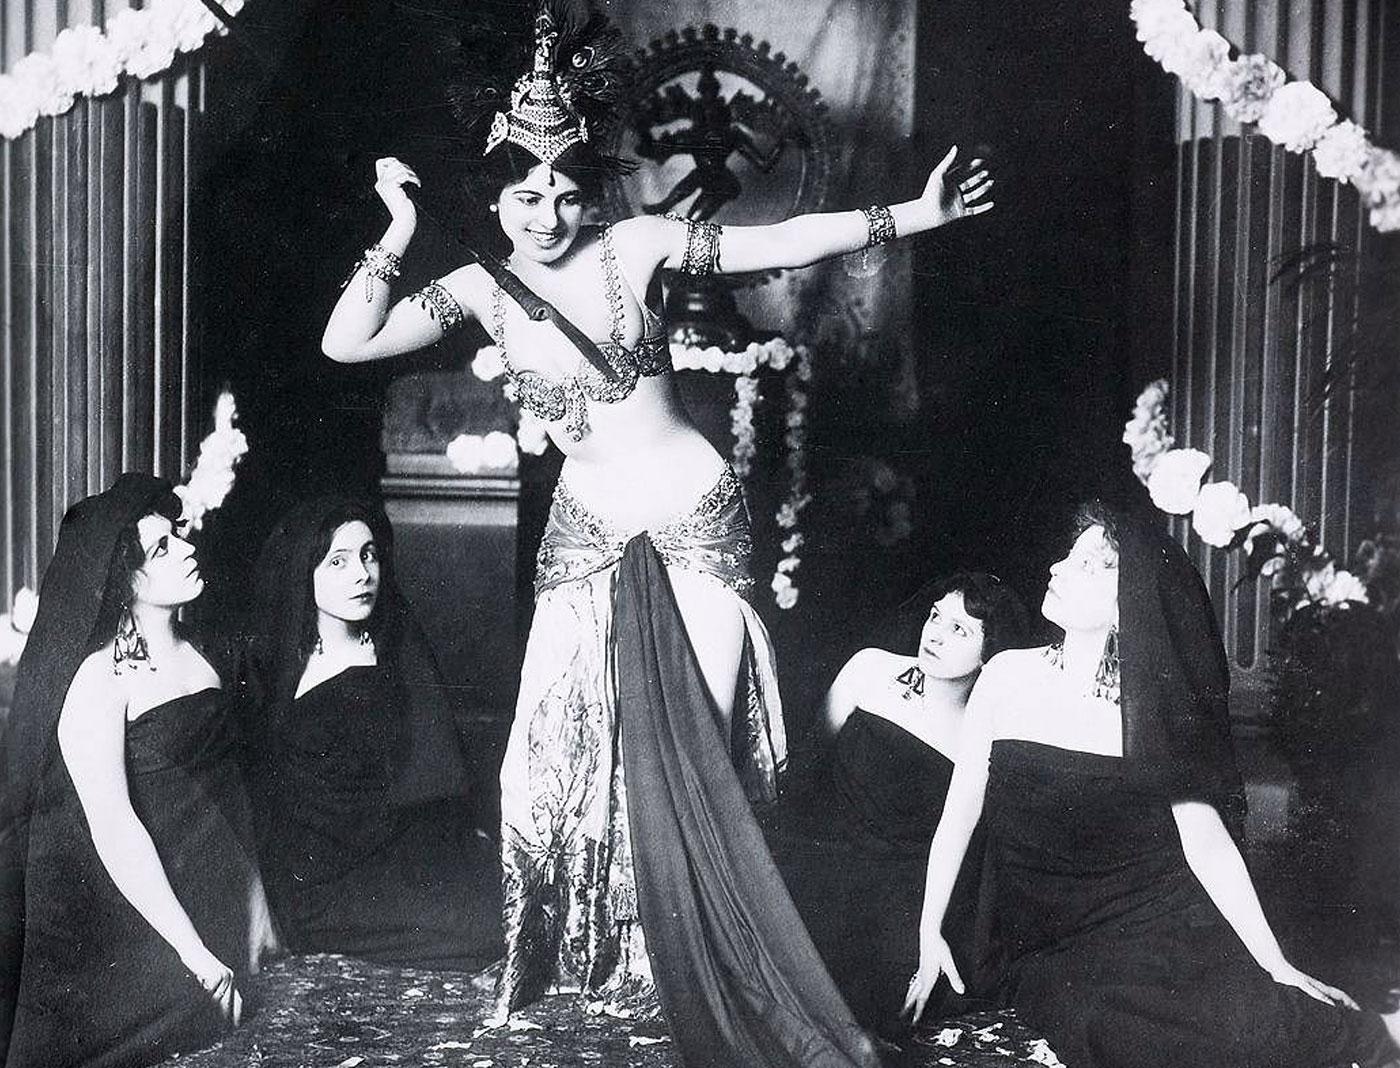 Mata Hari, povestea faimoasei curtezane de la a cărei execuție se împlinesc 101 ani (III) Mata Hari primul dans